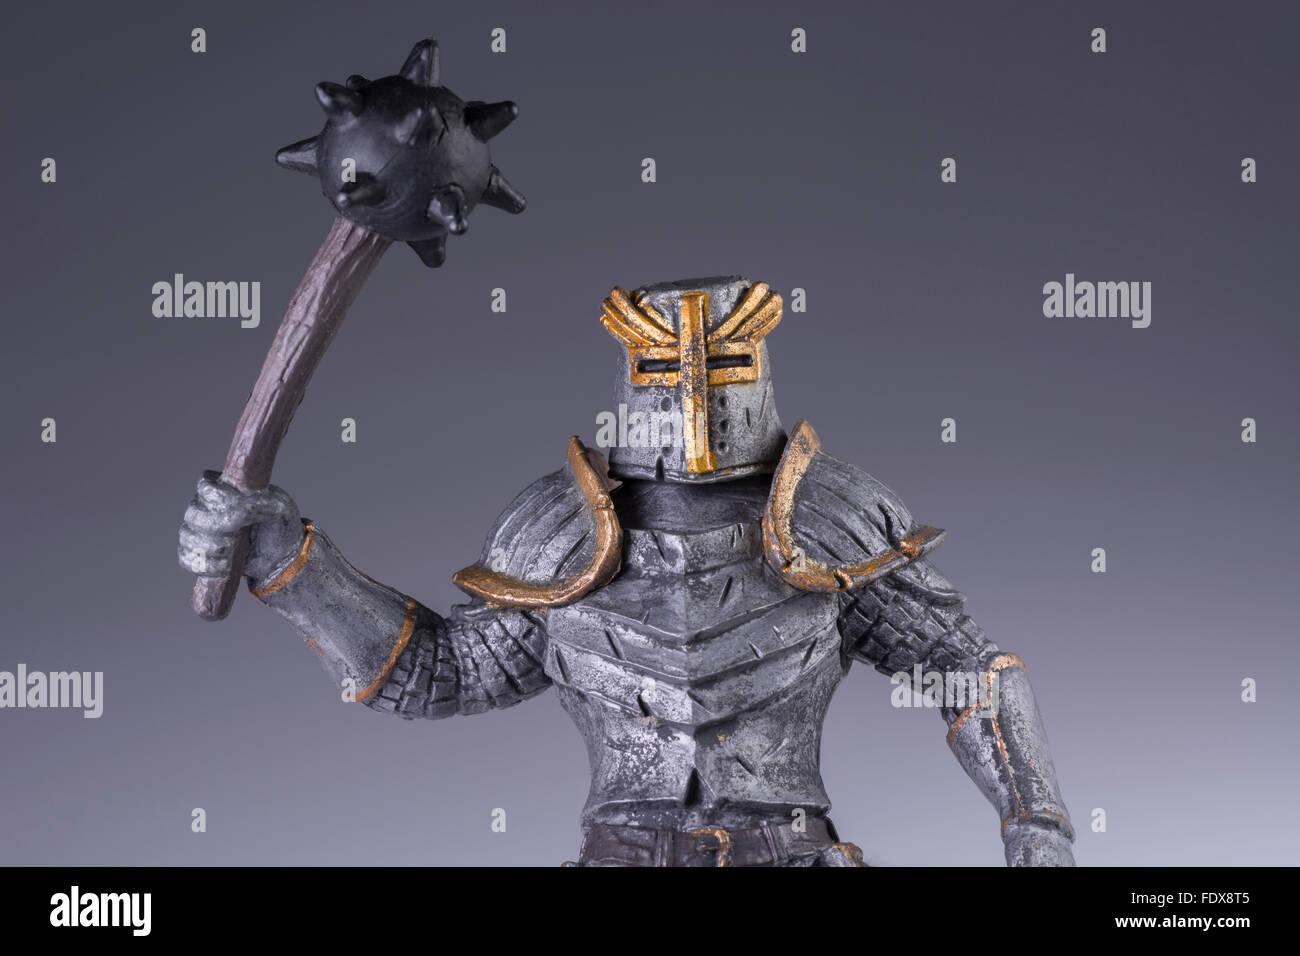 Spielzeug Ritter - als visuelle Metapher für das Konzept der bösartige Malware-Angriff, Server-Leugnung, Stockbild